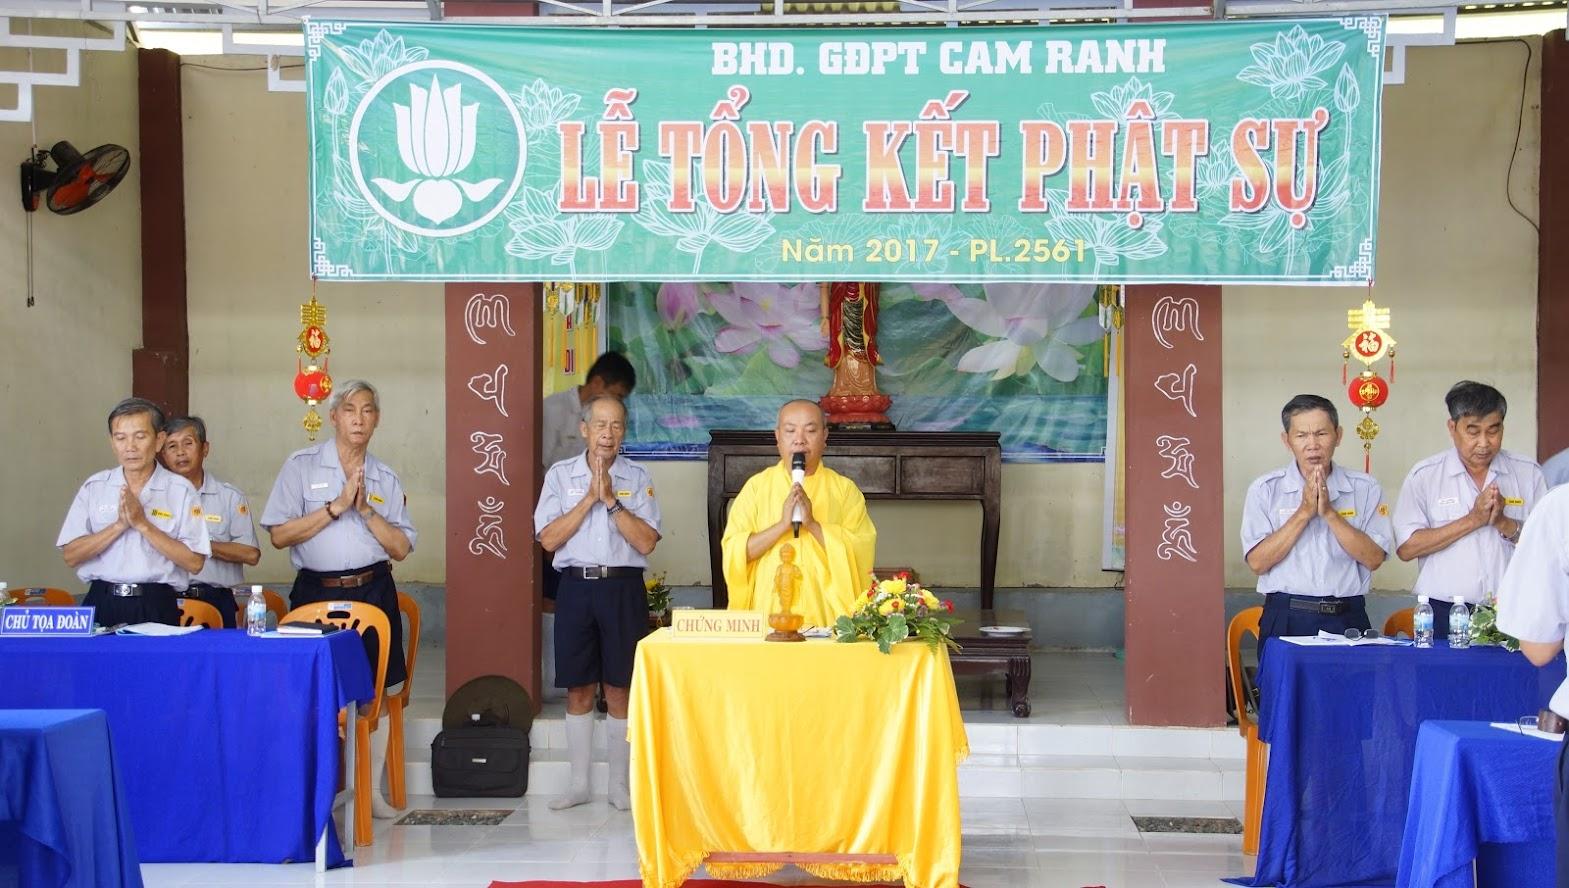 Hội nghị Tổng kết Phật sự năm 2017